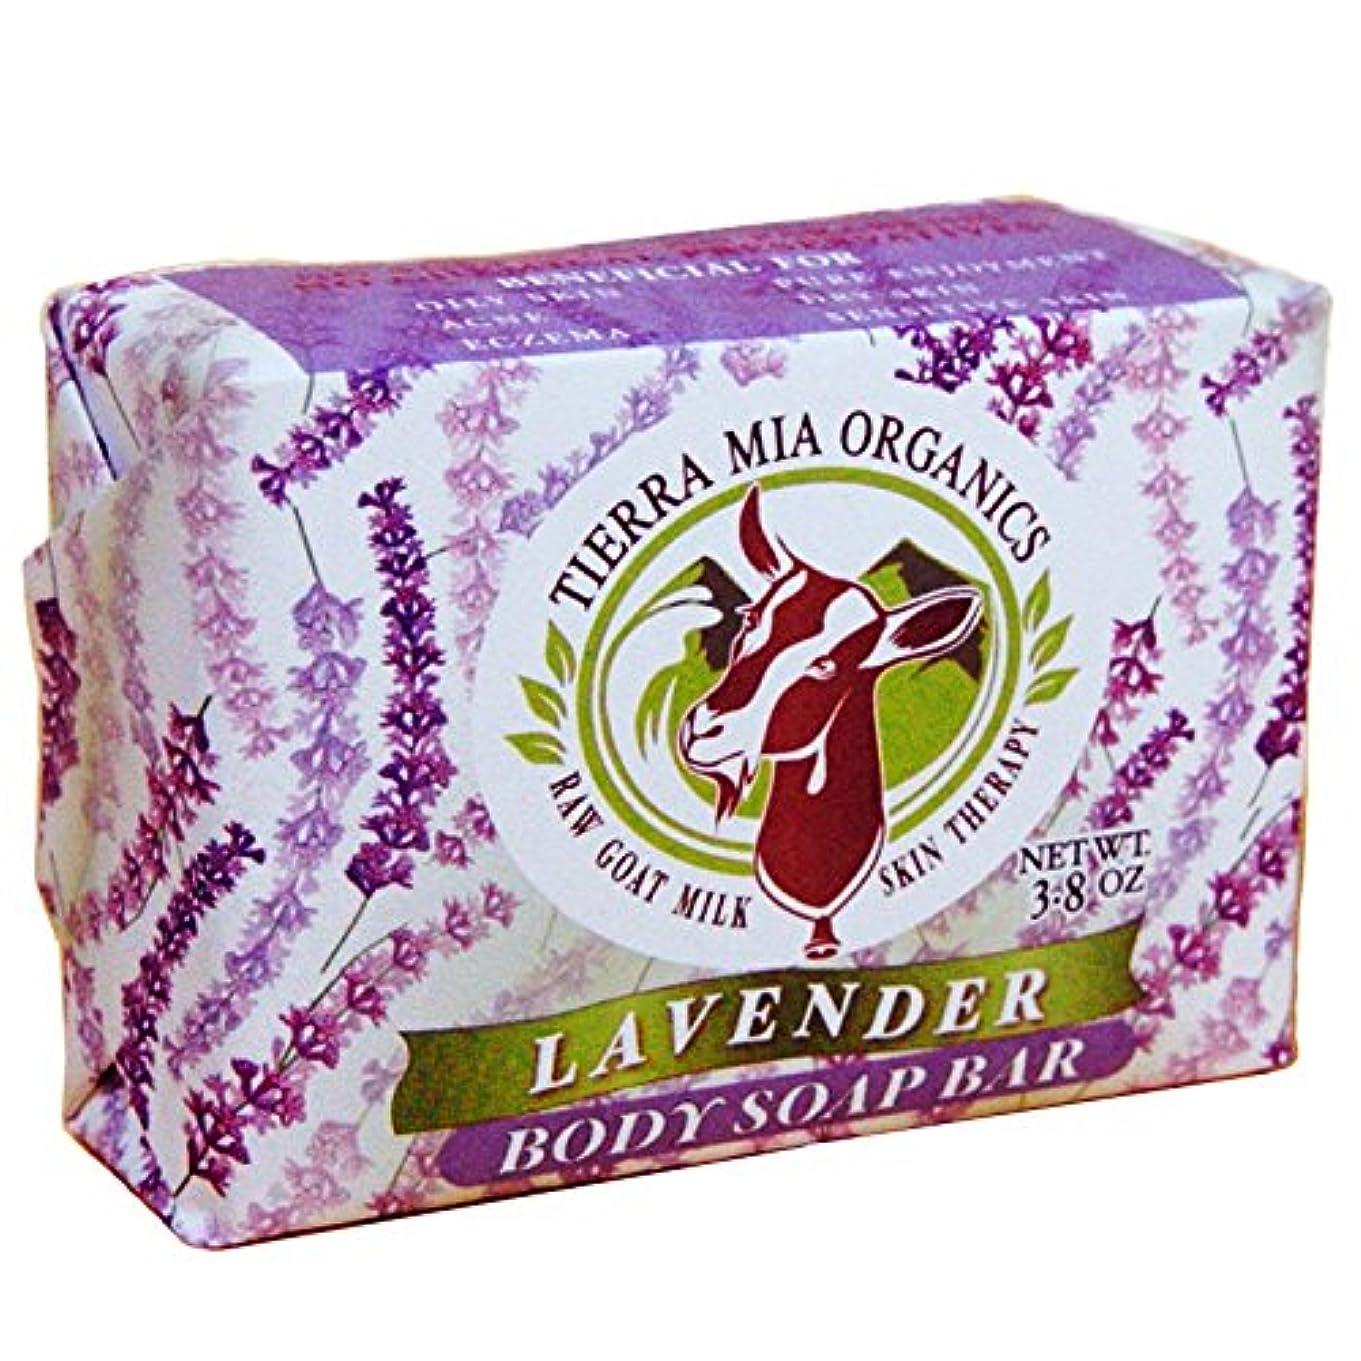 ソフィー夜間テレビTierra Mia Organics, Raw Goat Milk Skin Therapy, Body Soap Bar, Lavender, 4.2 oz